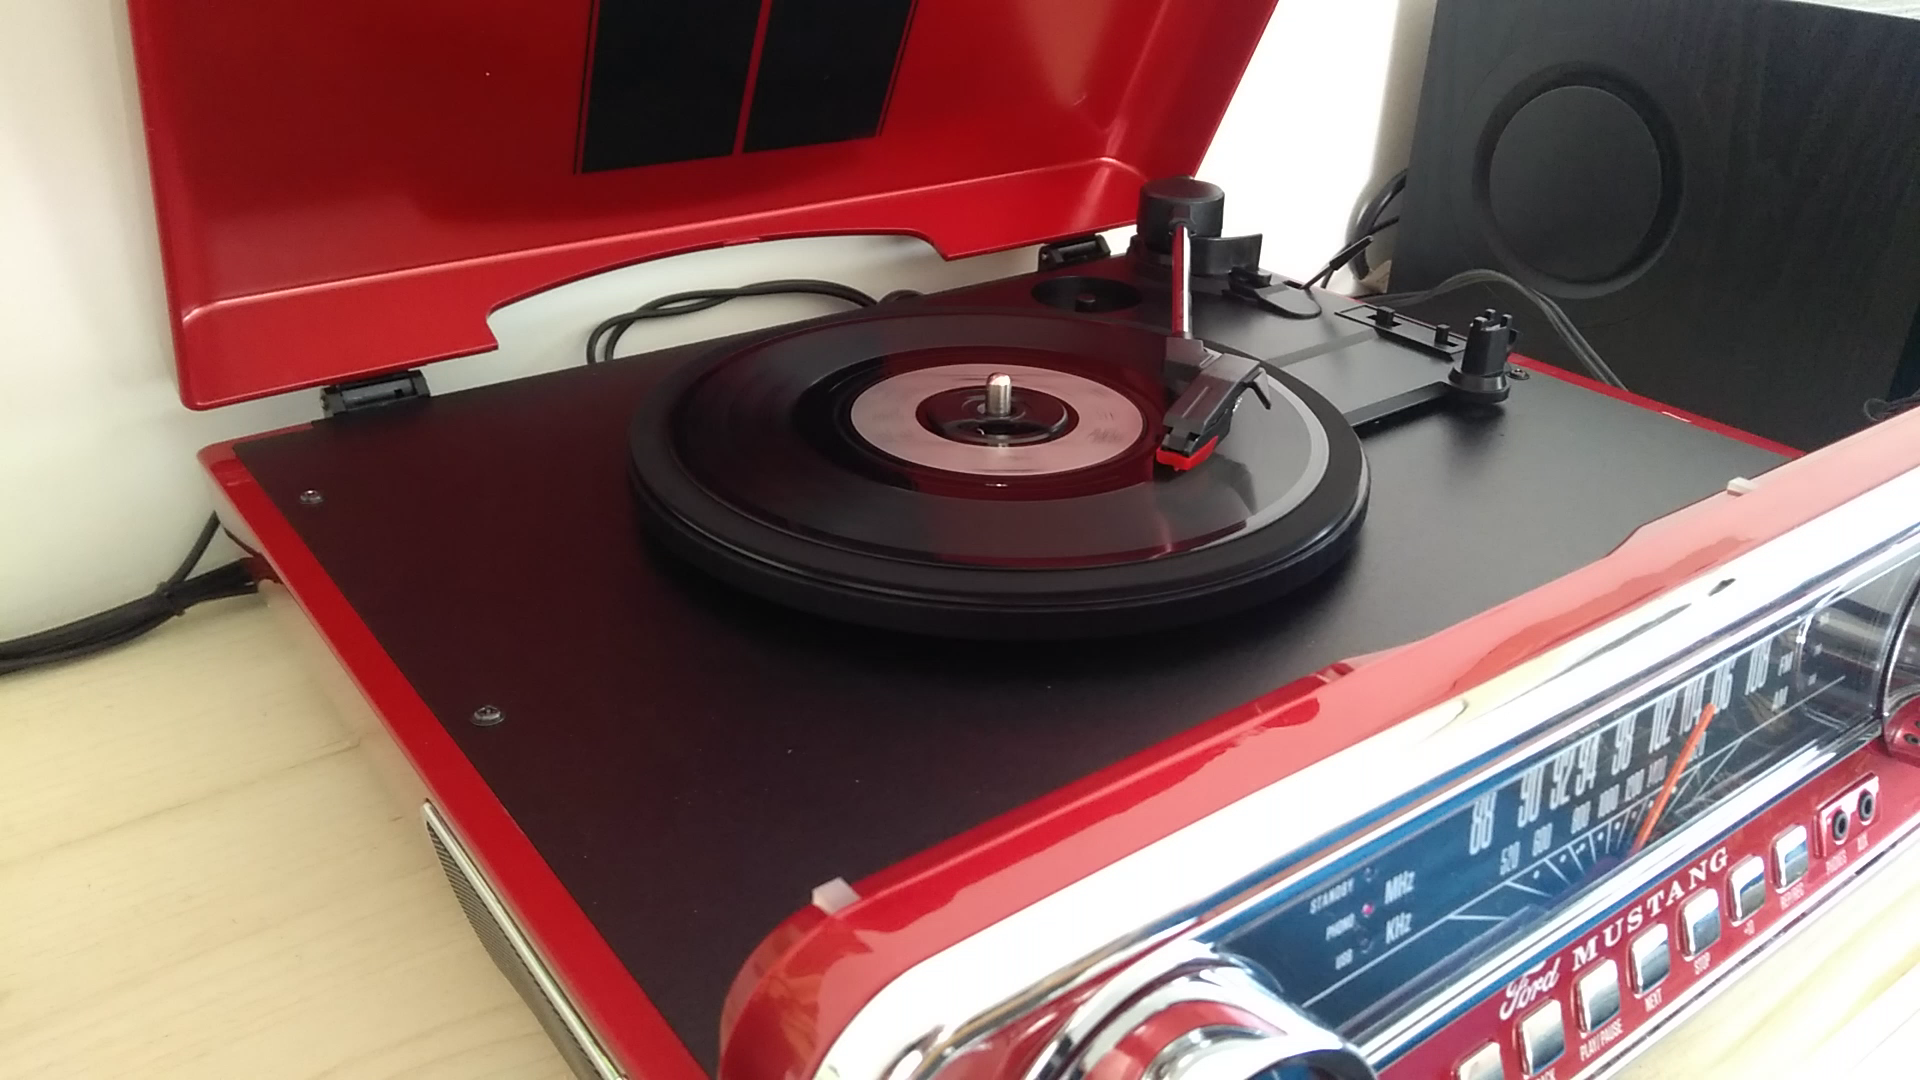 Kundenrezensionen Ion Audio Mustang Lp Usb Plattenspieler Mit Lautsprecher Schallplattenspieler Retro Mit Radio Aux Eingang Und Vinyl Zu Mp3 Kovertierungssoftware Roter Lack Ein Muss Für Alle Ford Mustang Fans